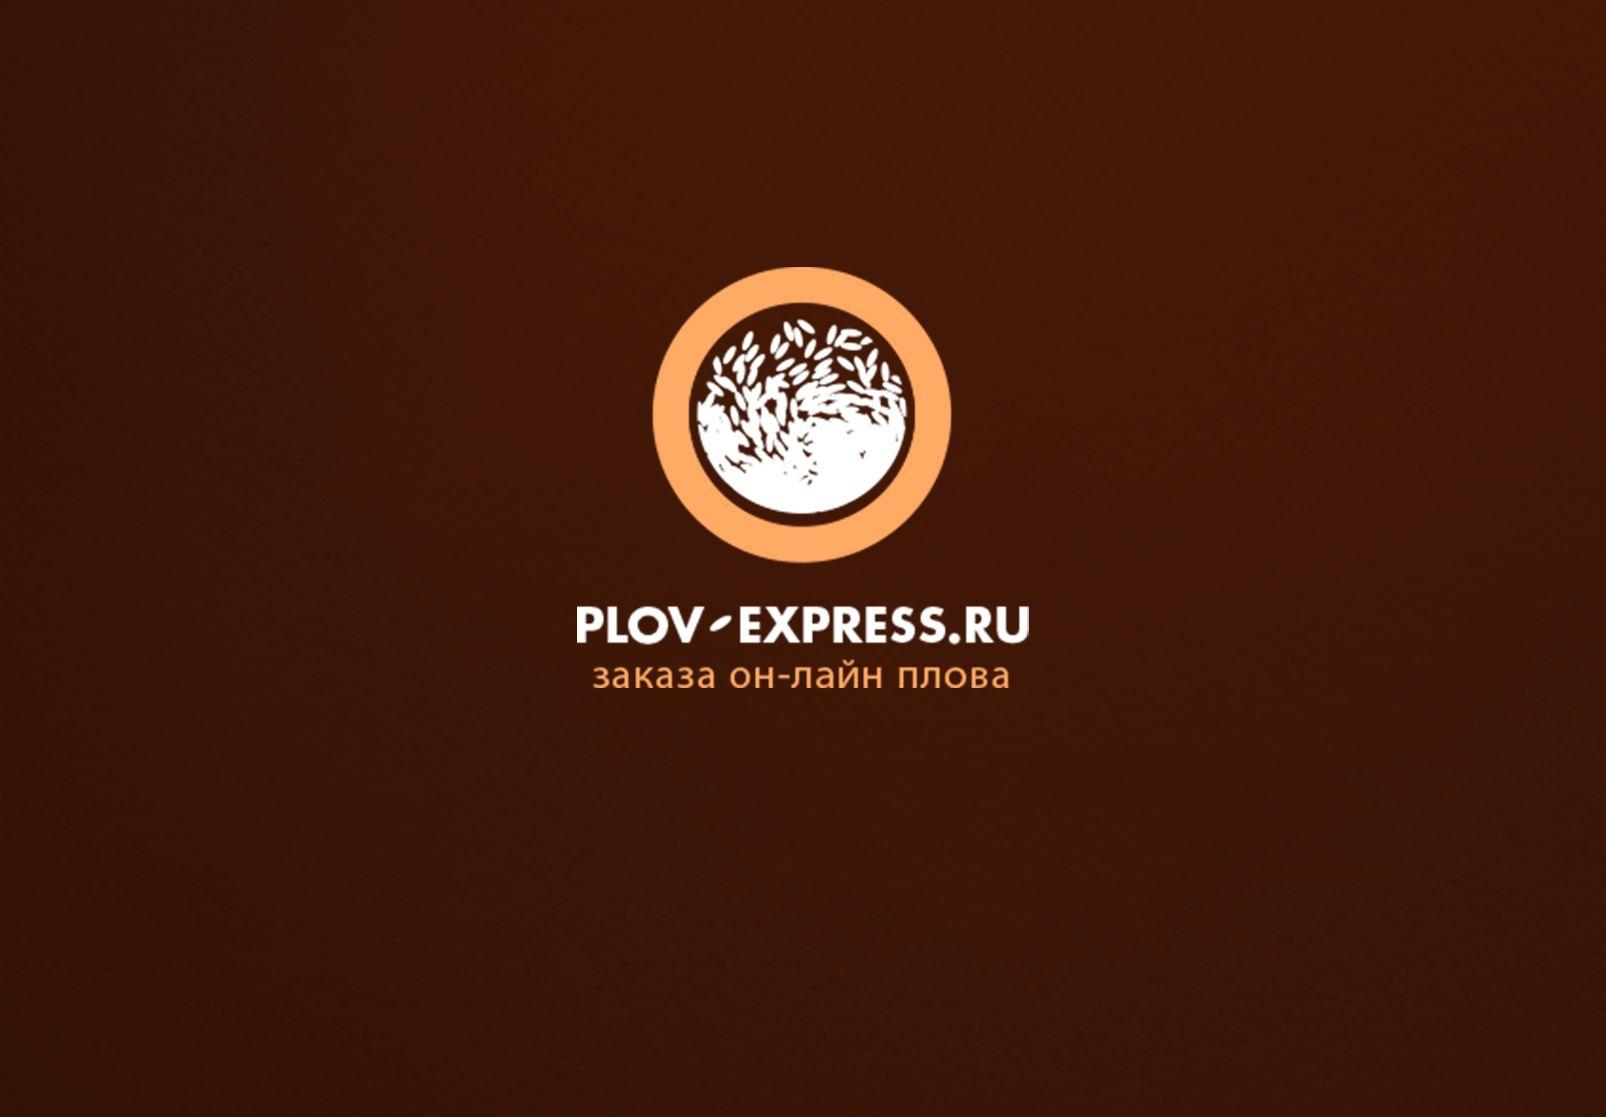 Лого и фирмстиль для сайта plov-express.ru - дизайнер dron55